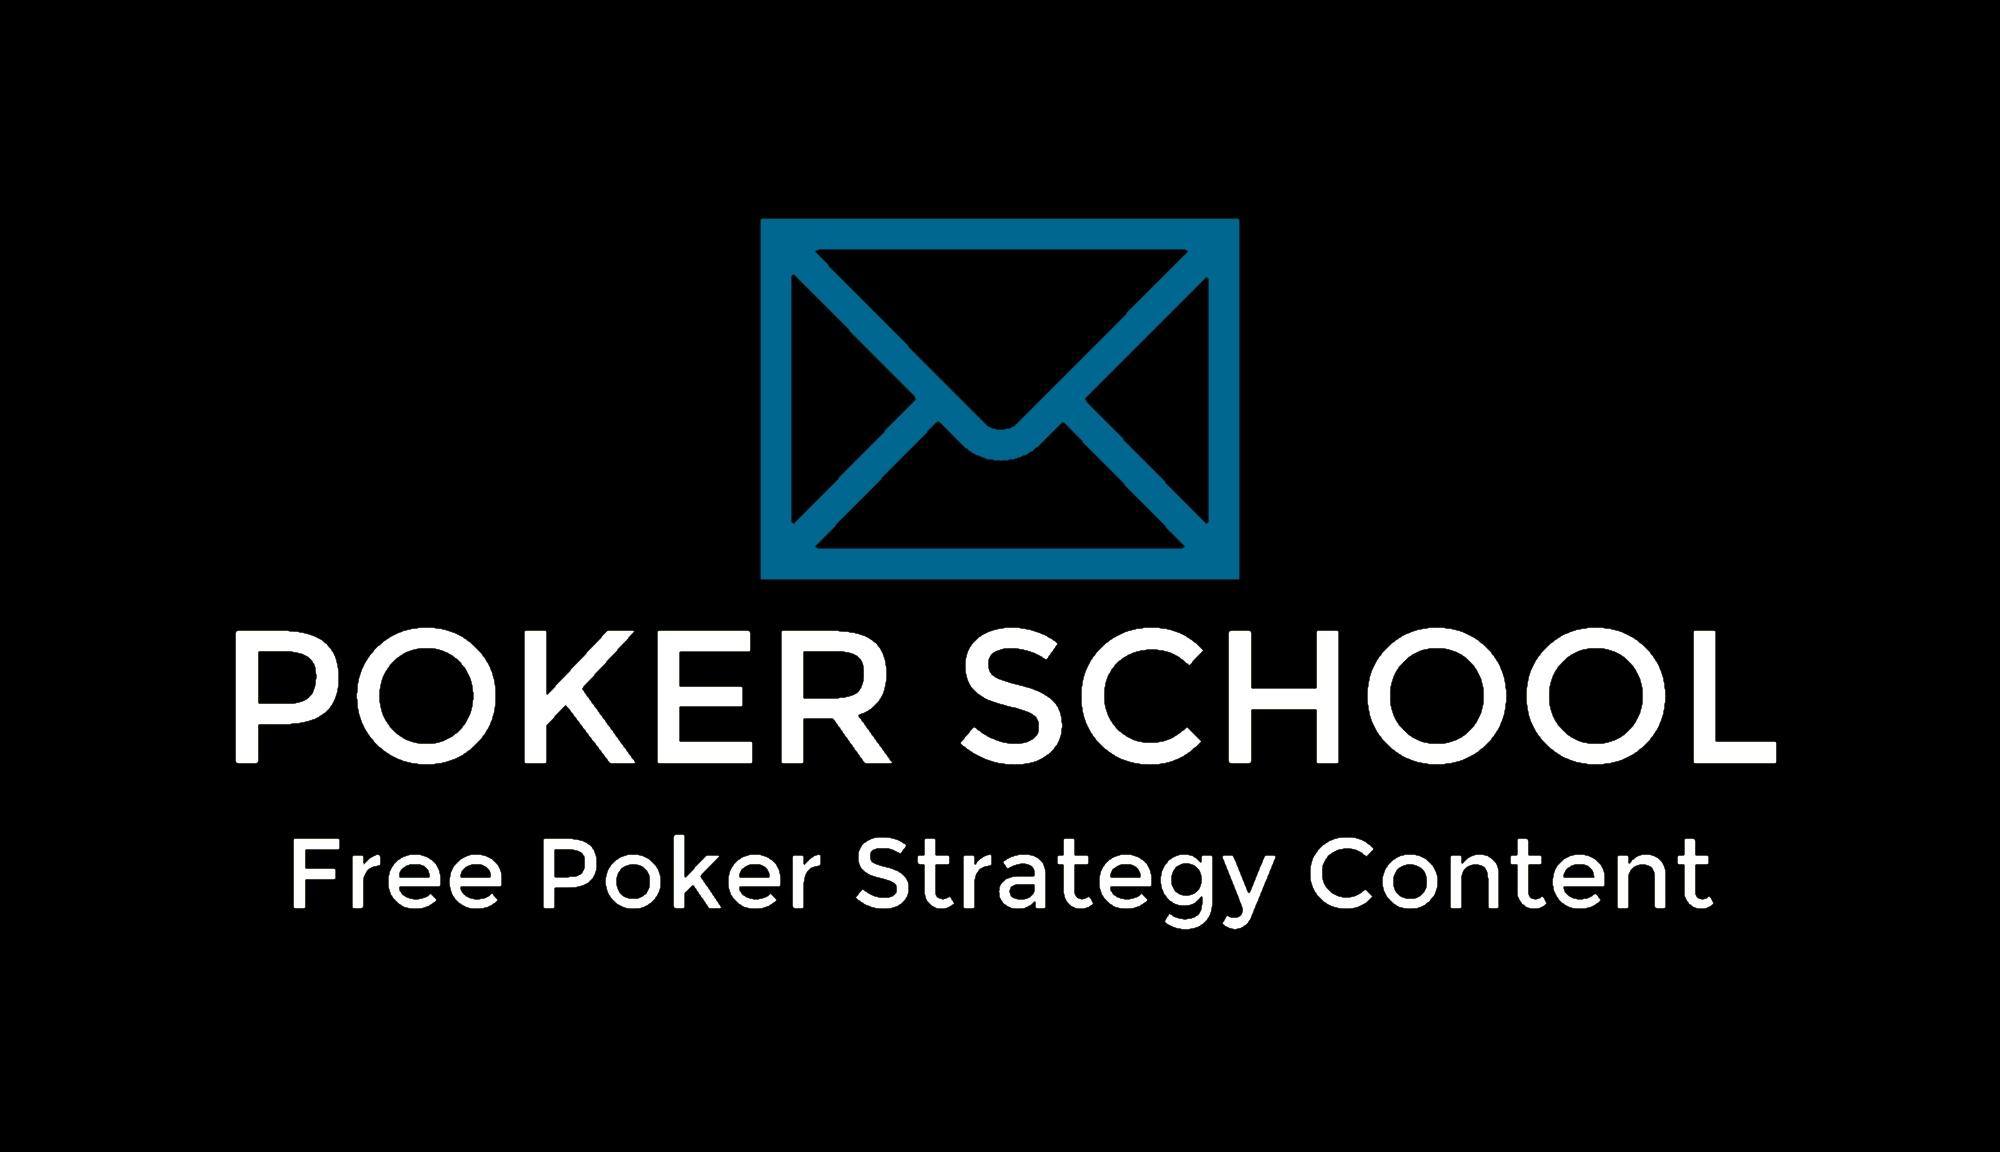 poker-school.jpg